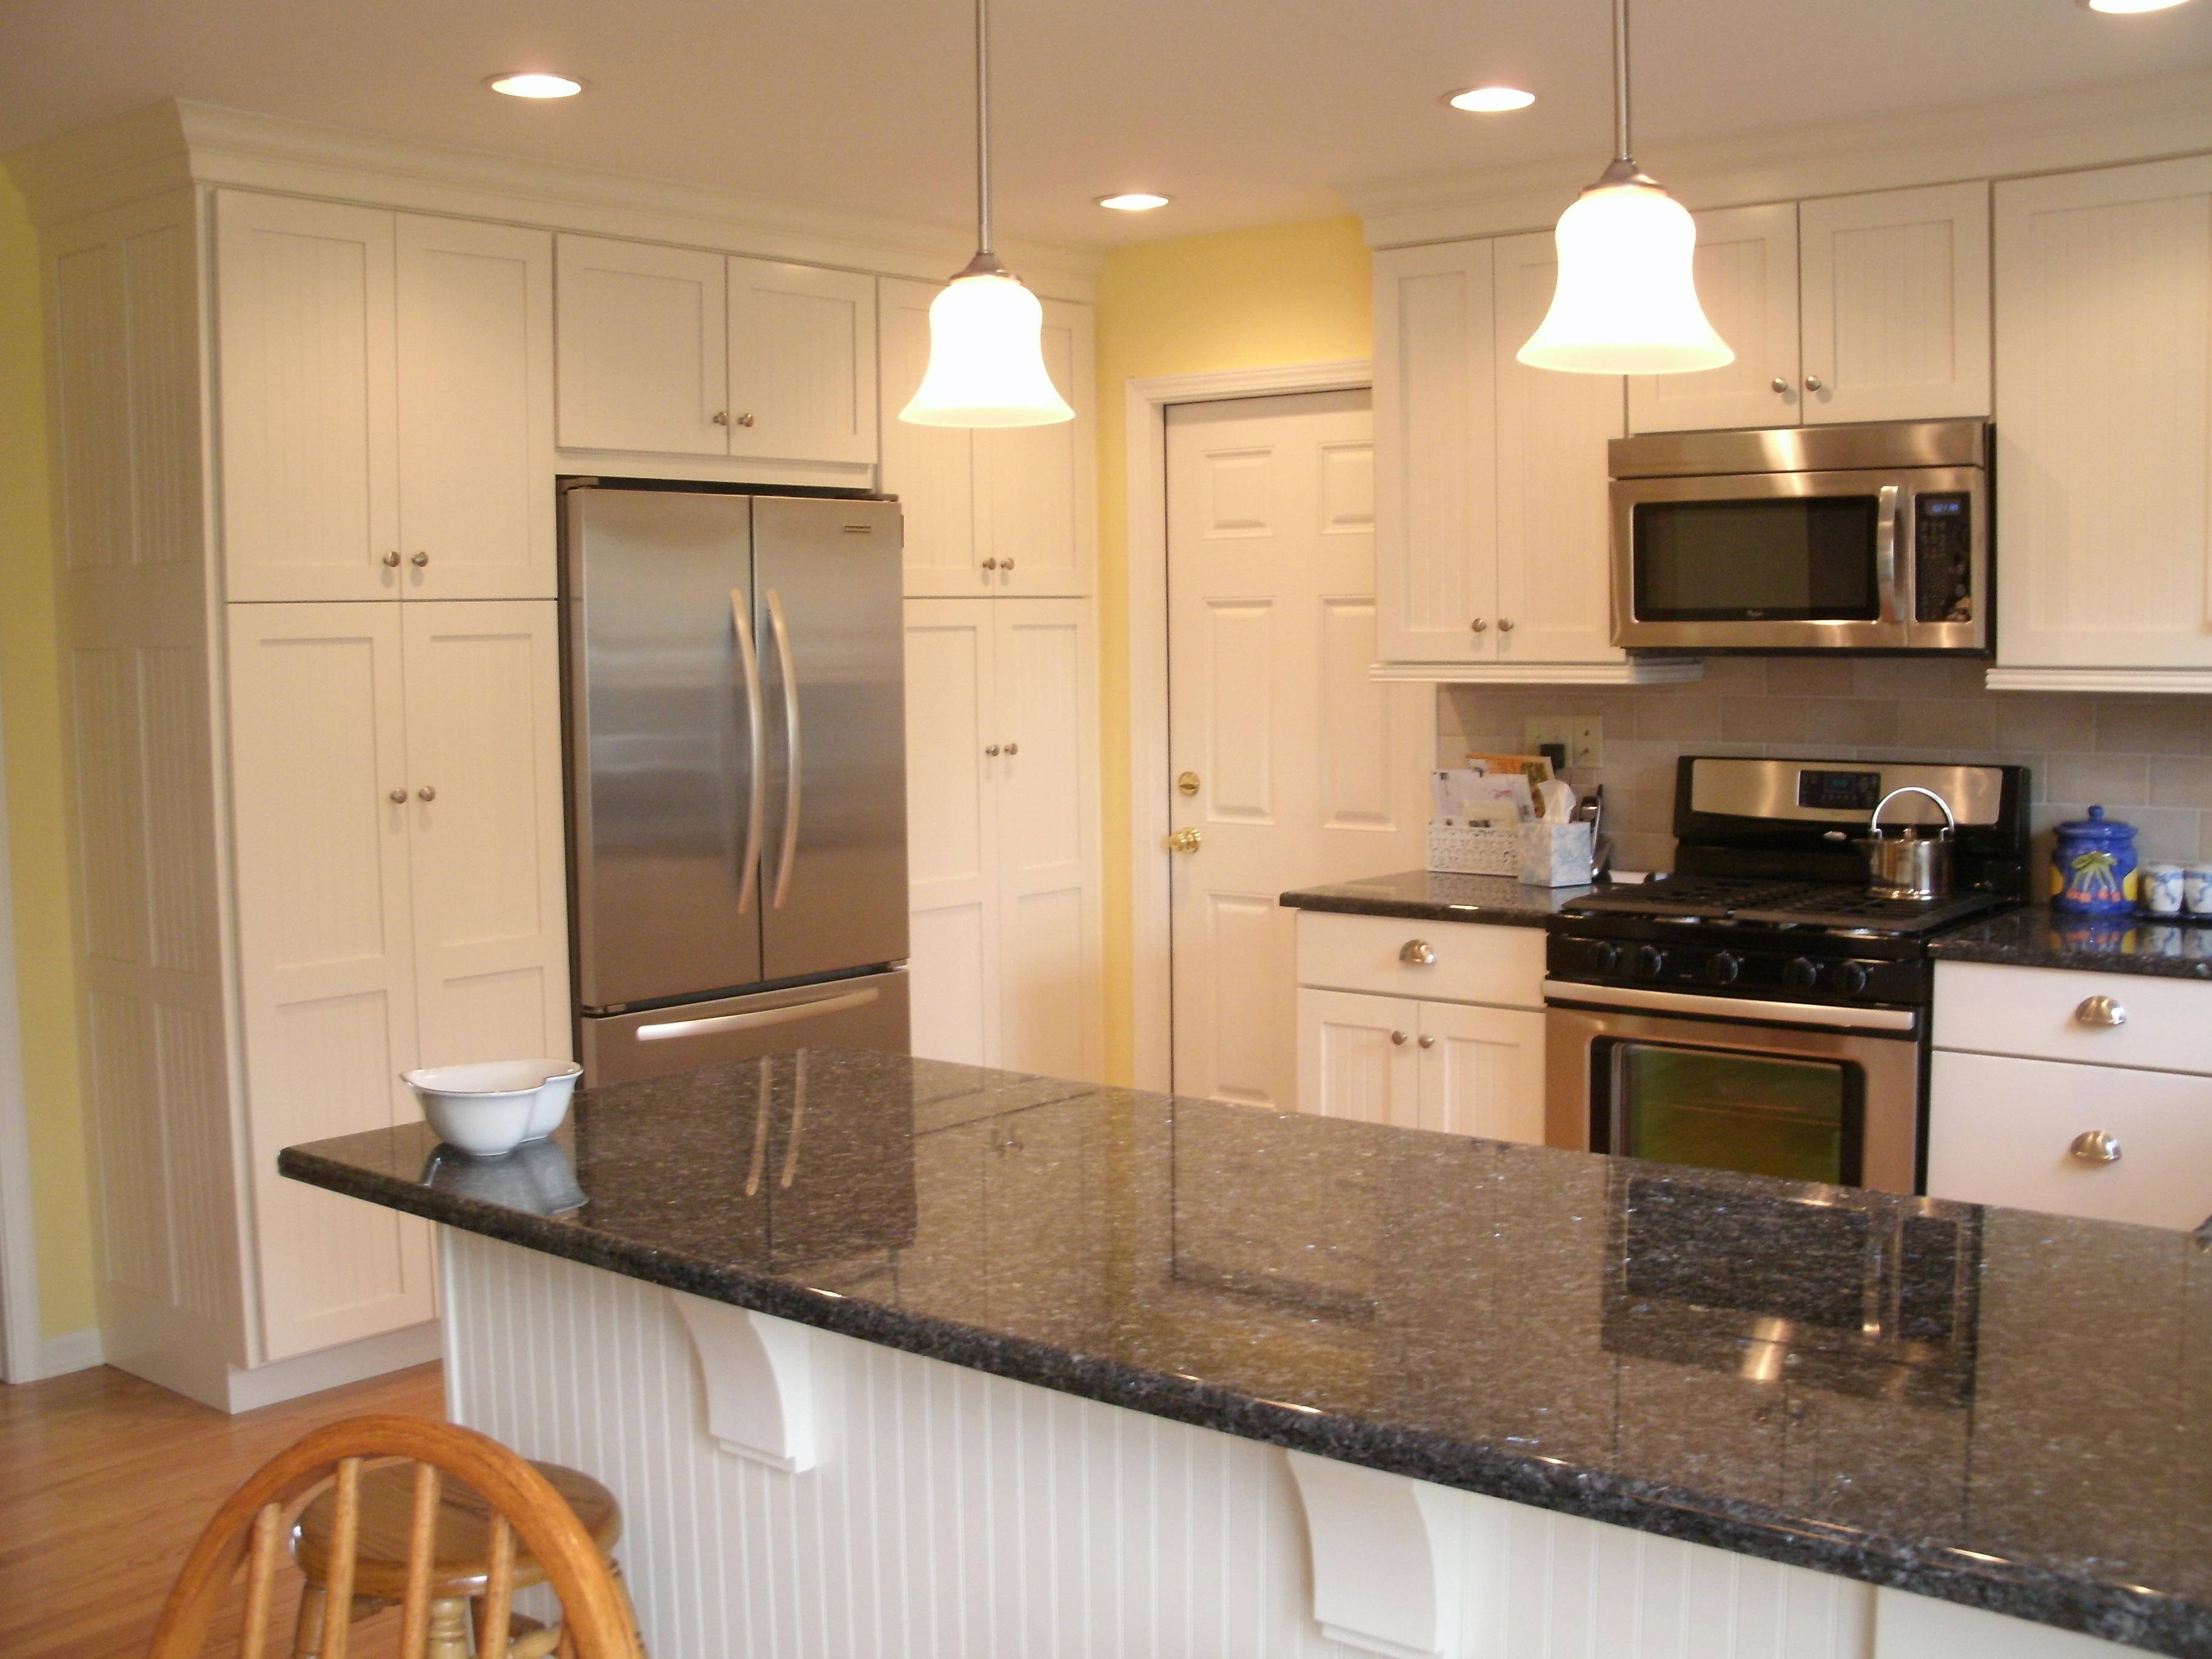 Lellbach Builders | Wheaton Kitchen Remodel | Lellbach Builders